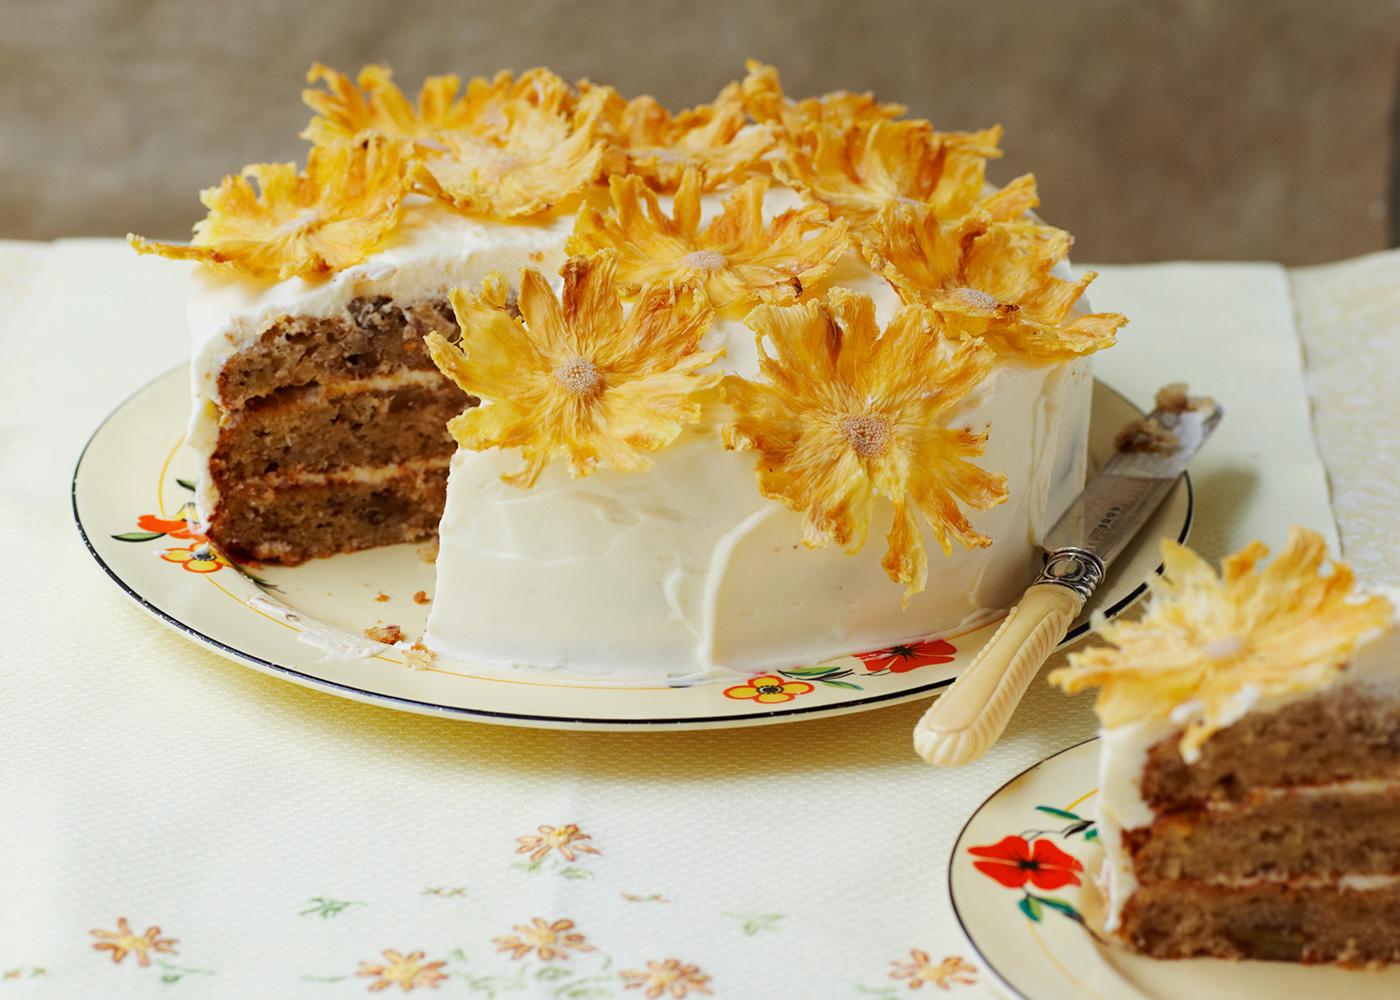 Hummingbird Cake Recipe How To Make Pineapple And Banana